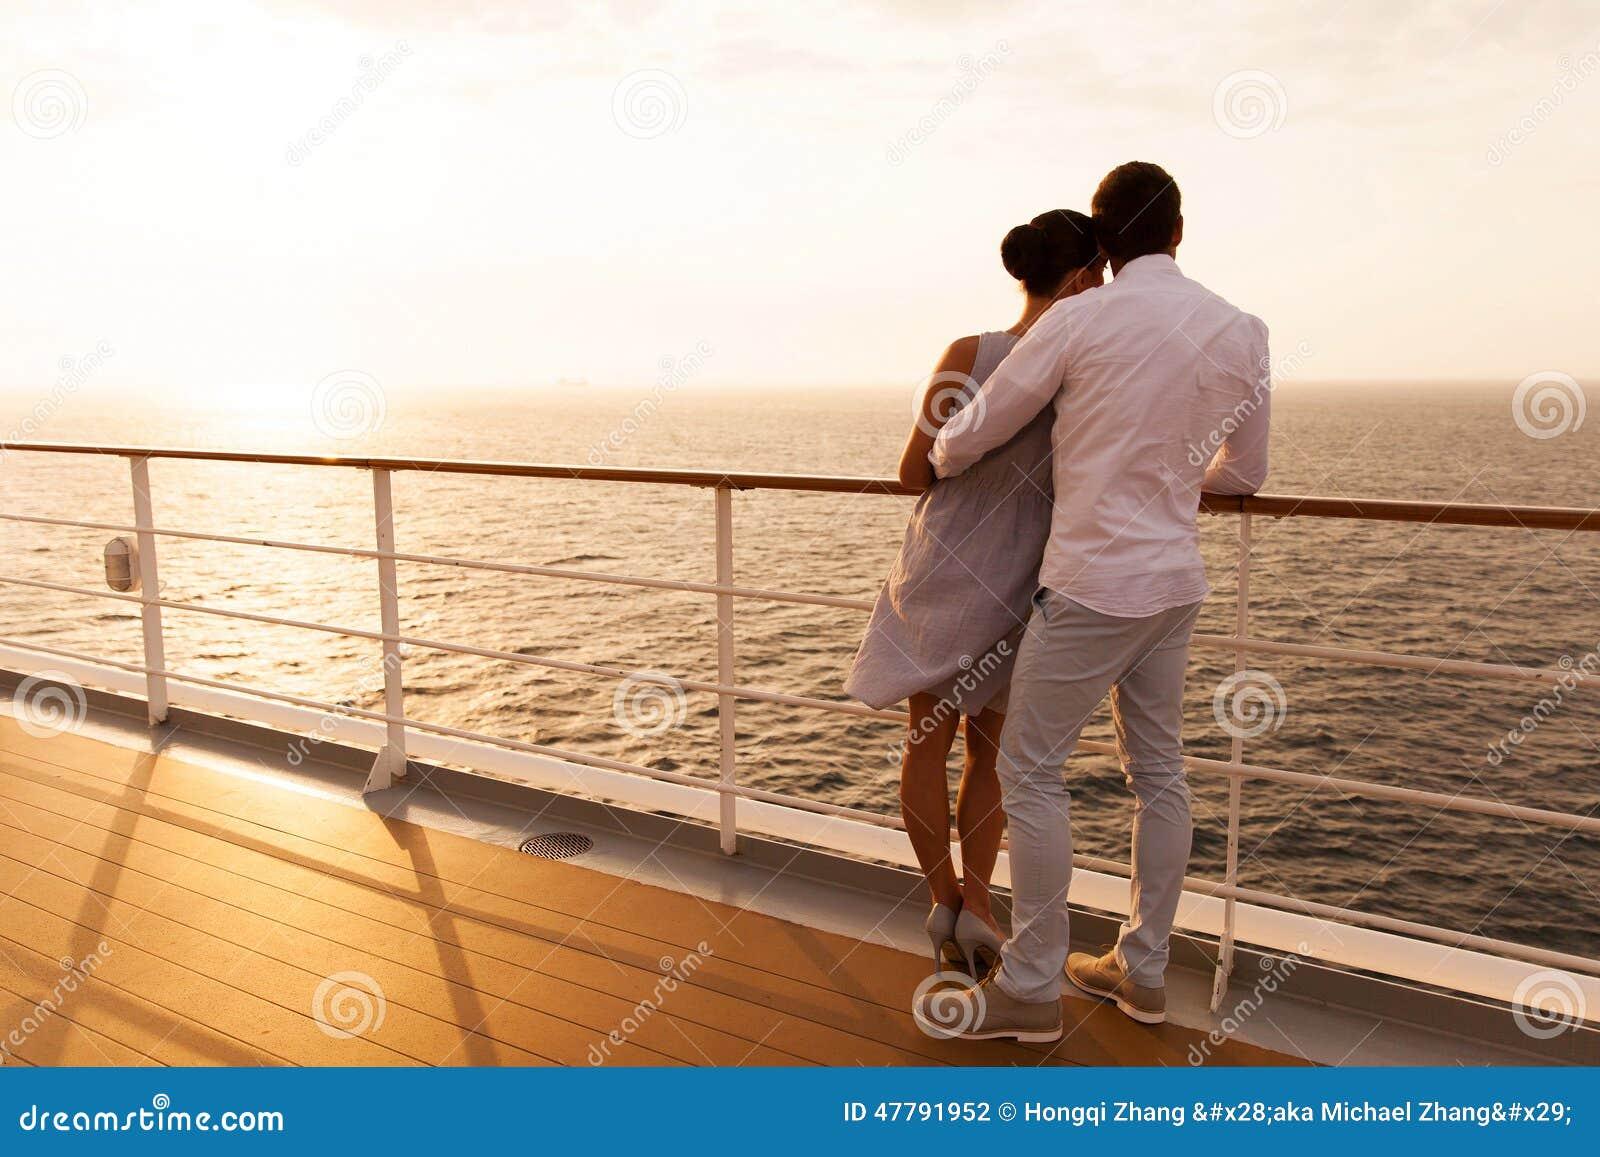 夫妇日落巡航